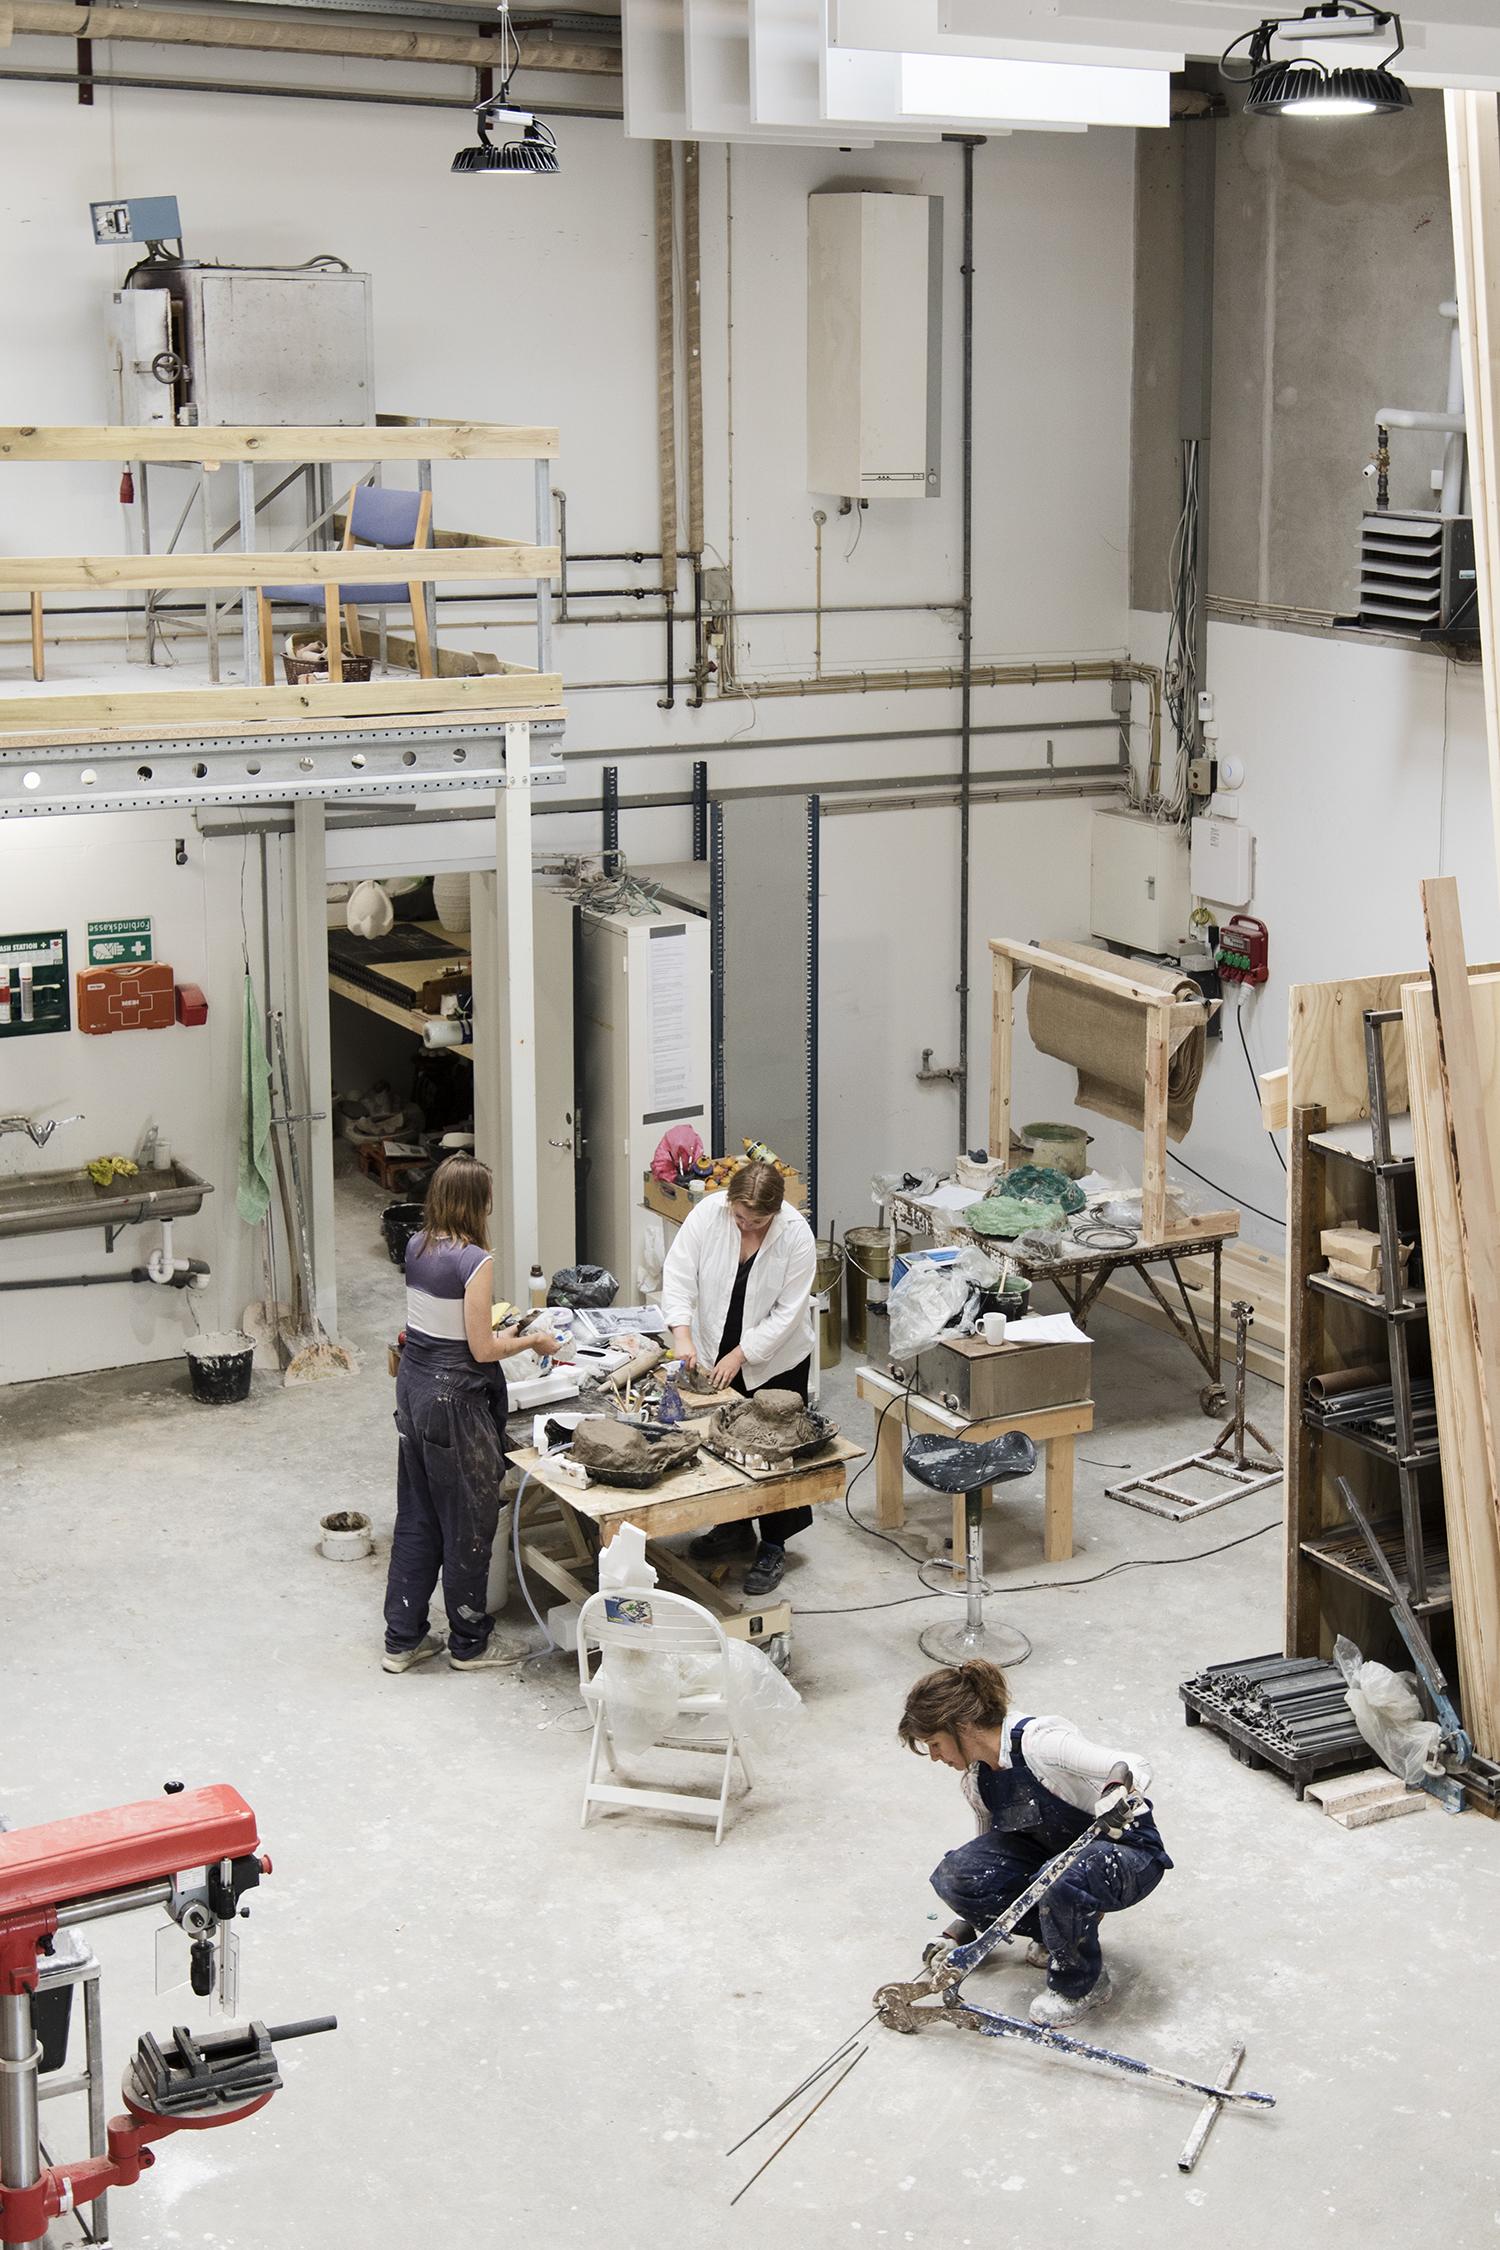 Kirke Hundevad Meng, Ida Retz Wessberg og Marie Bonfils. Foto © I DO ART Agency.